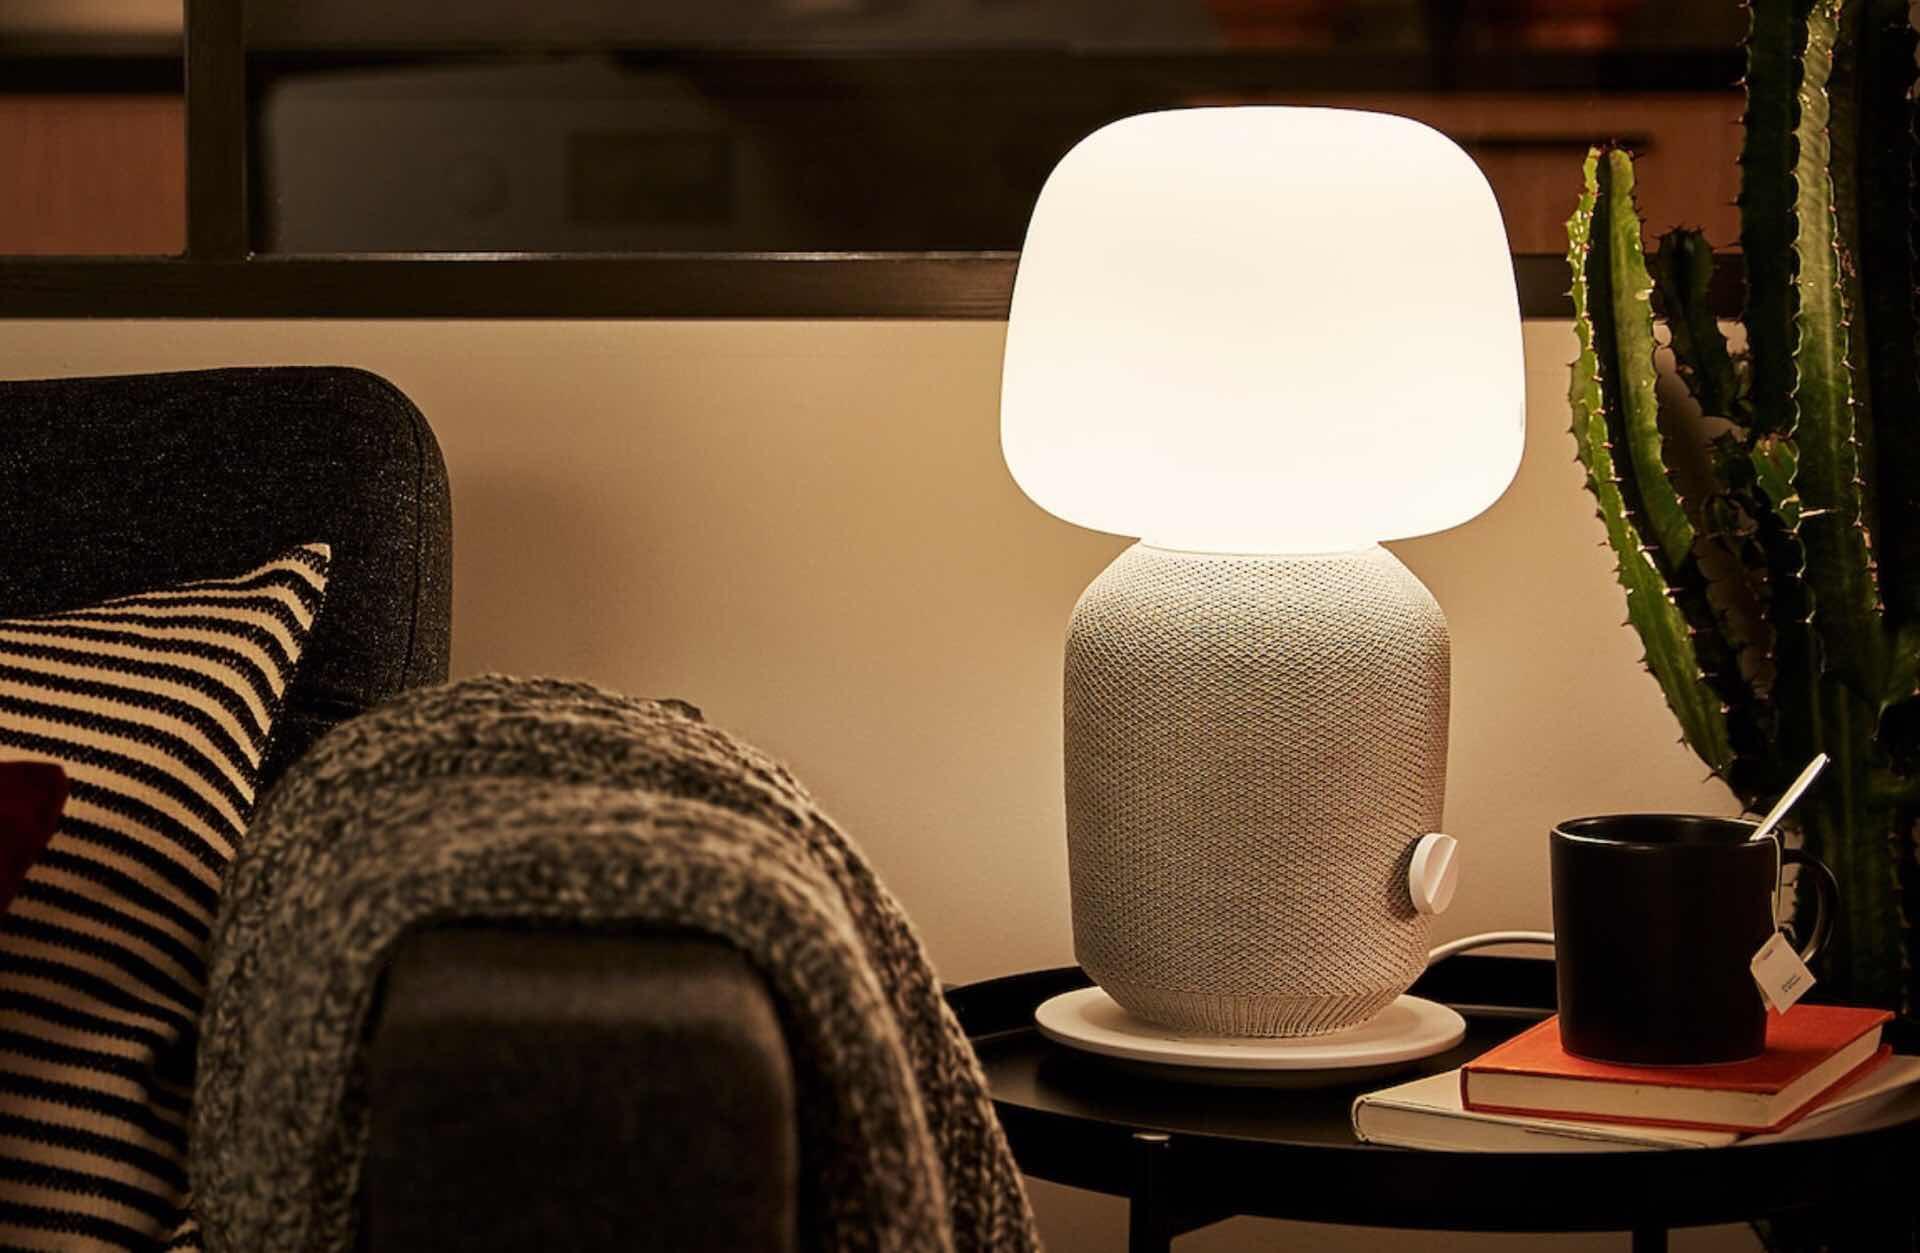 ikea-sonos-symfonisk-lamp-speaker-white